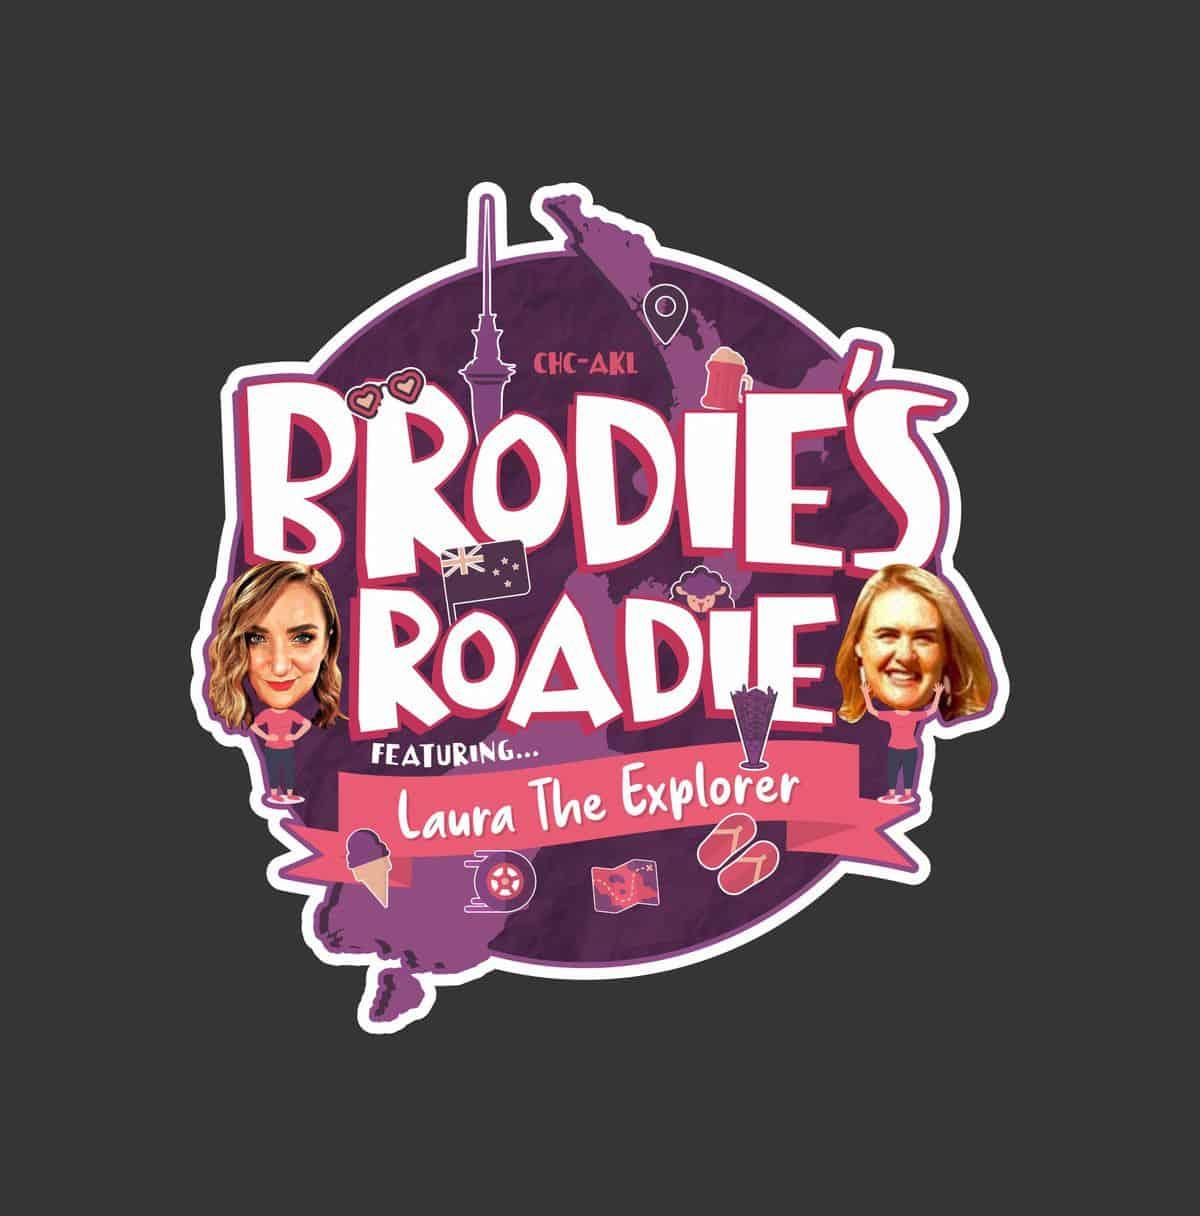 Brodie's Roadie Logo